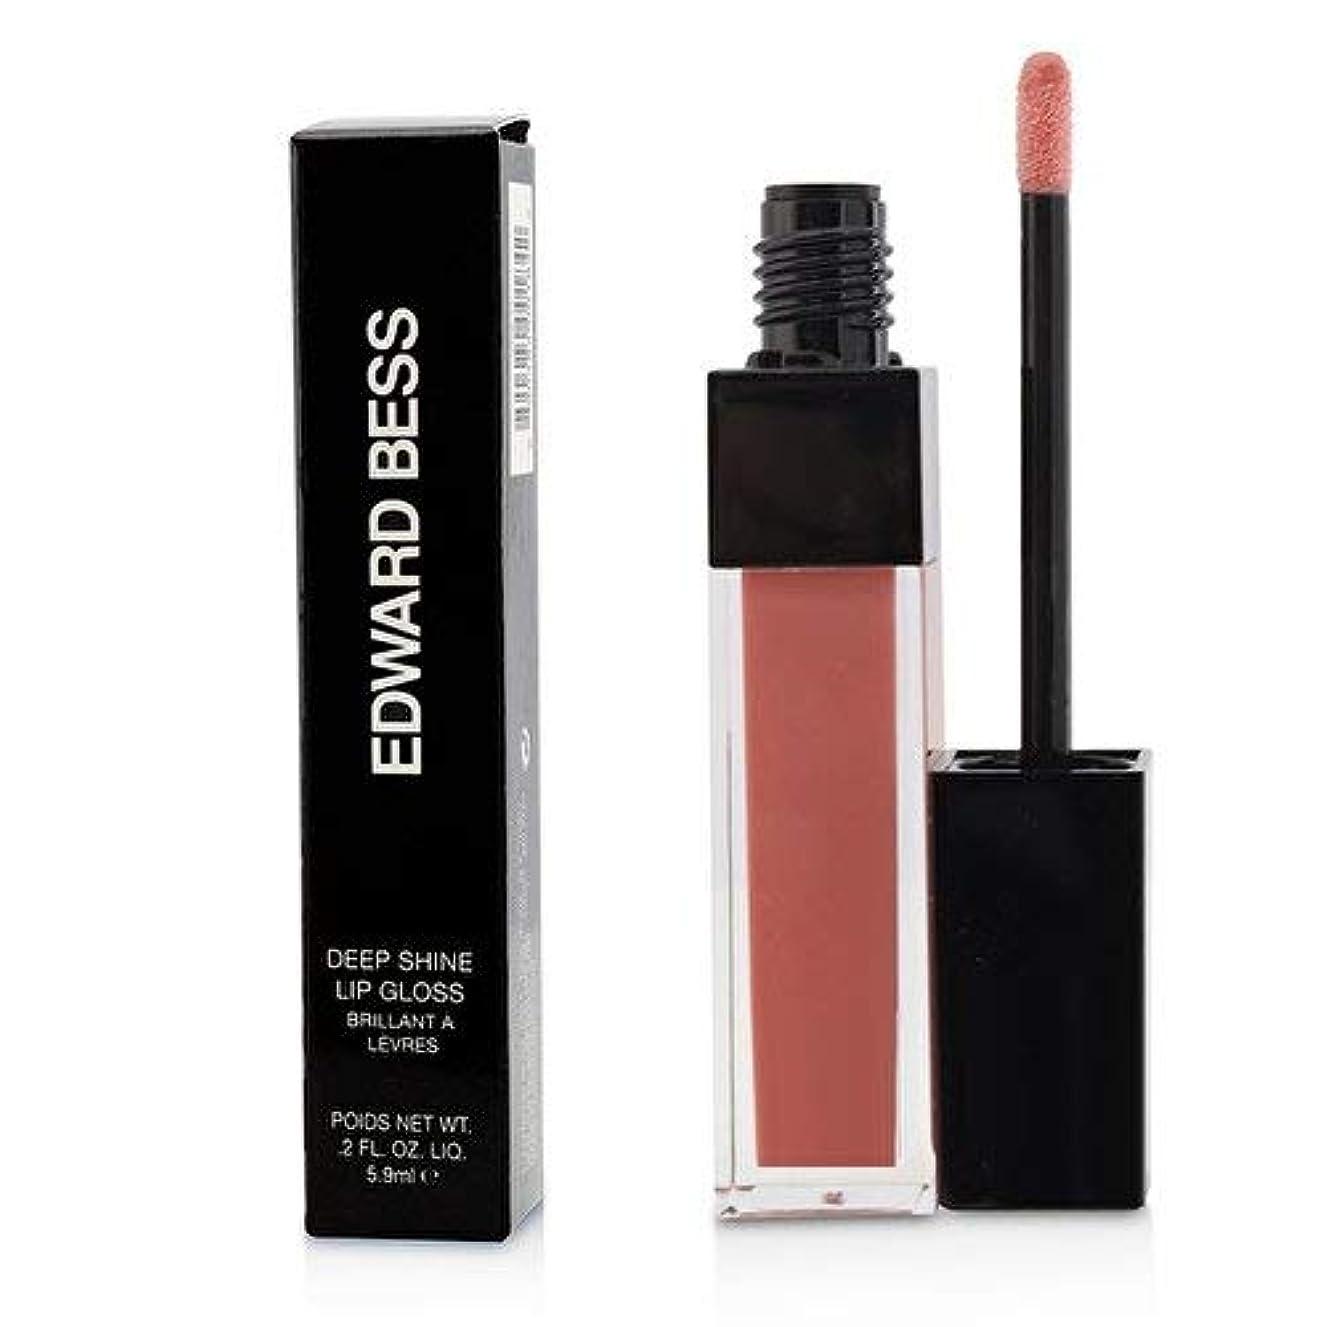 ロイヤリティ優越義務エドワードべス Deep Shine Lip Gloss - # 26 Lover's Desire 7ml/0.24oz並行輸入品